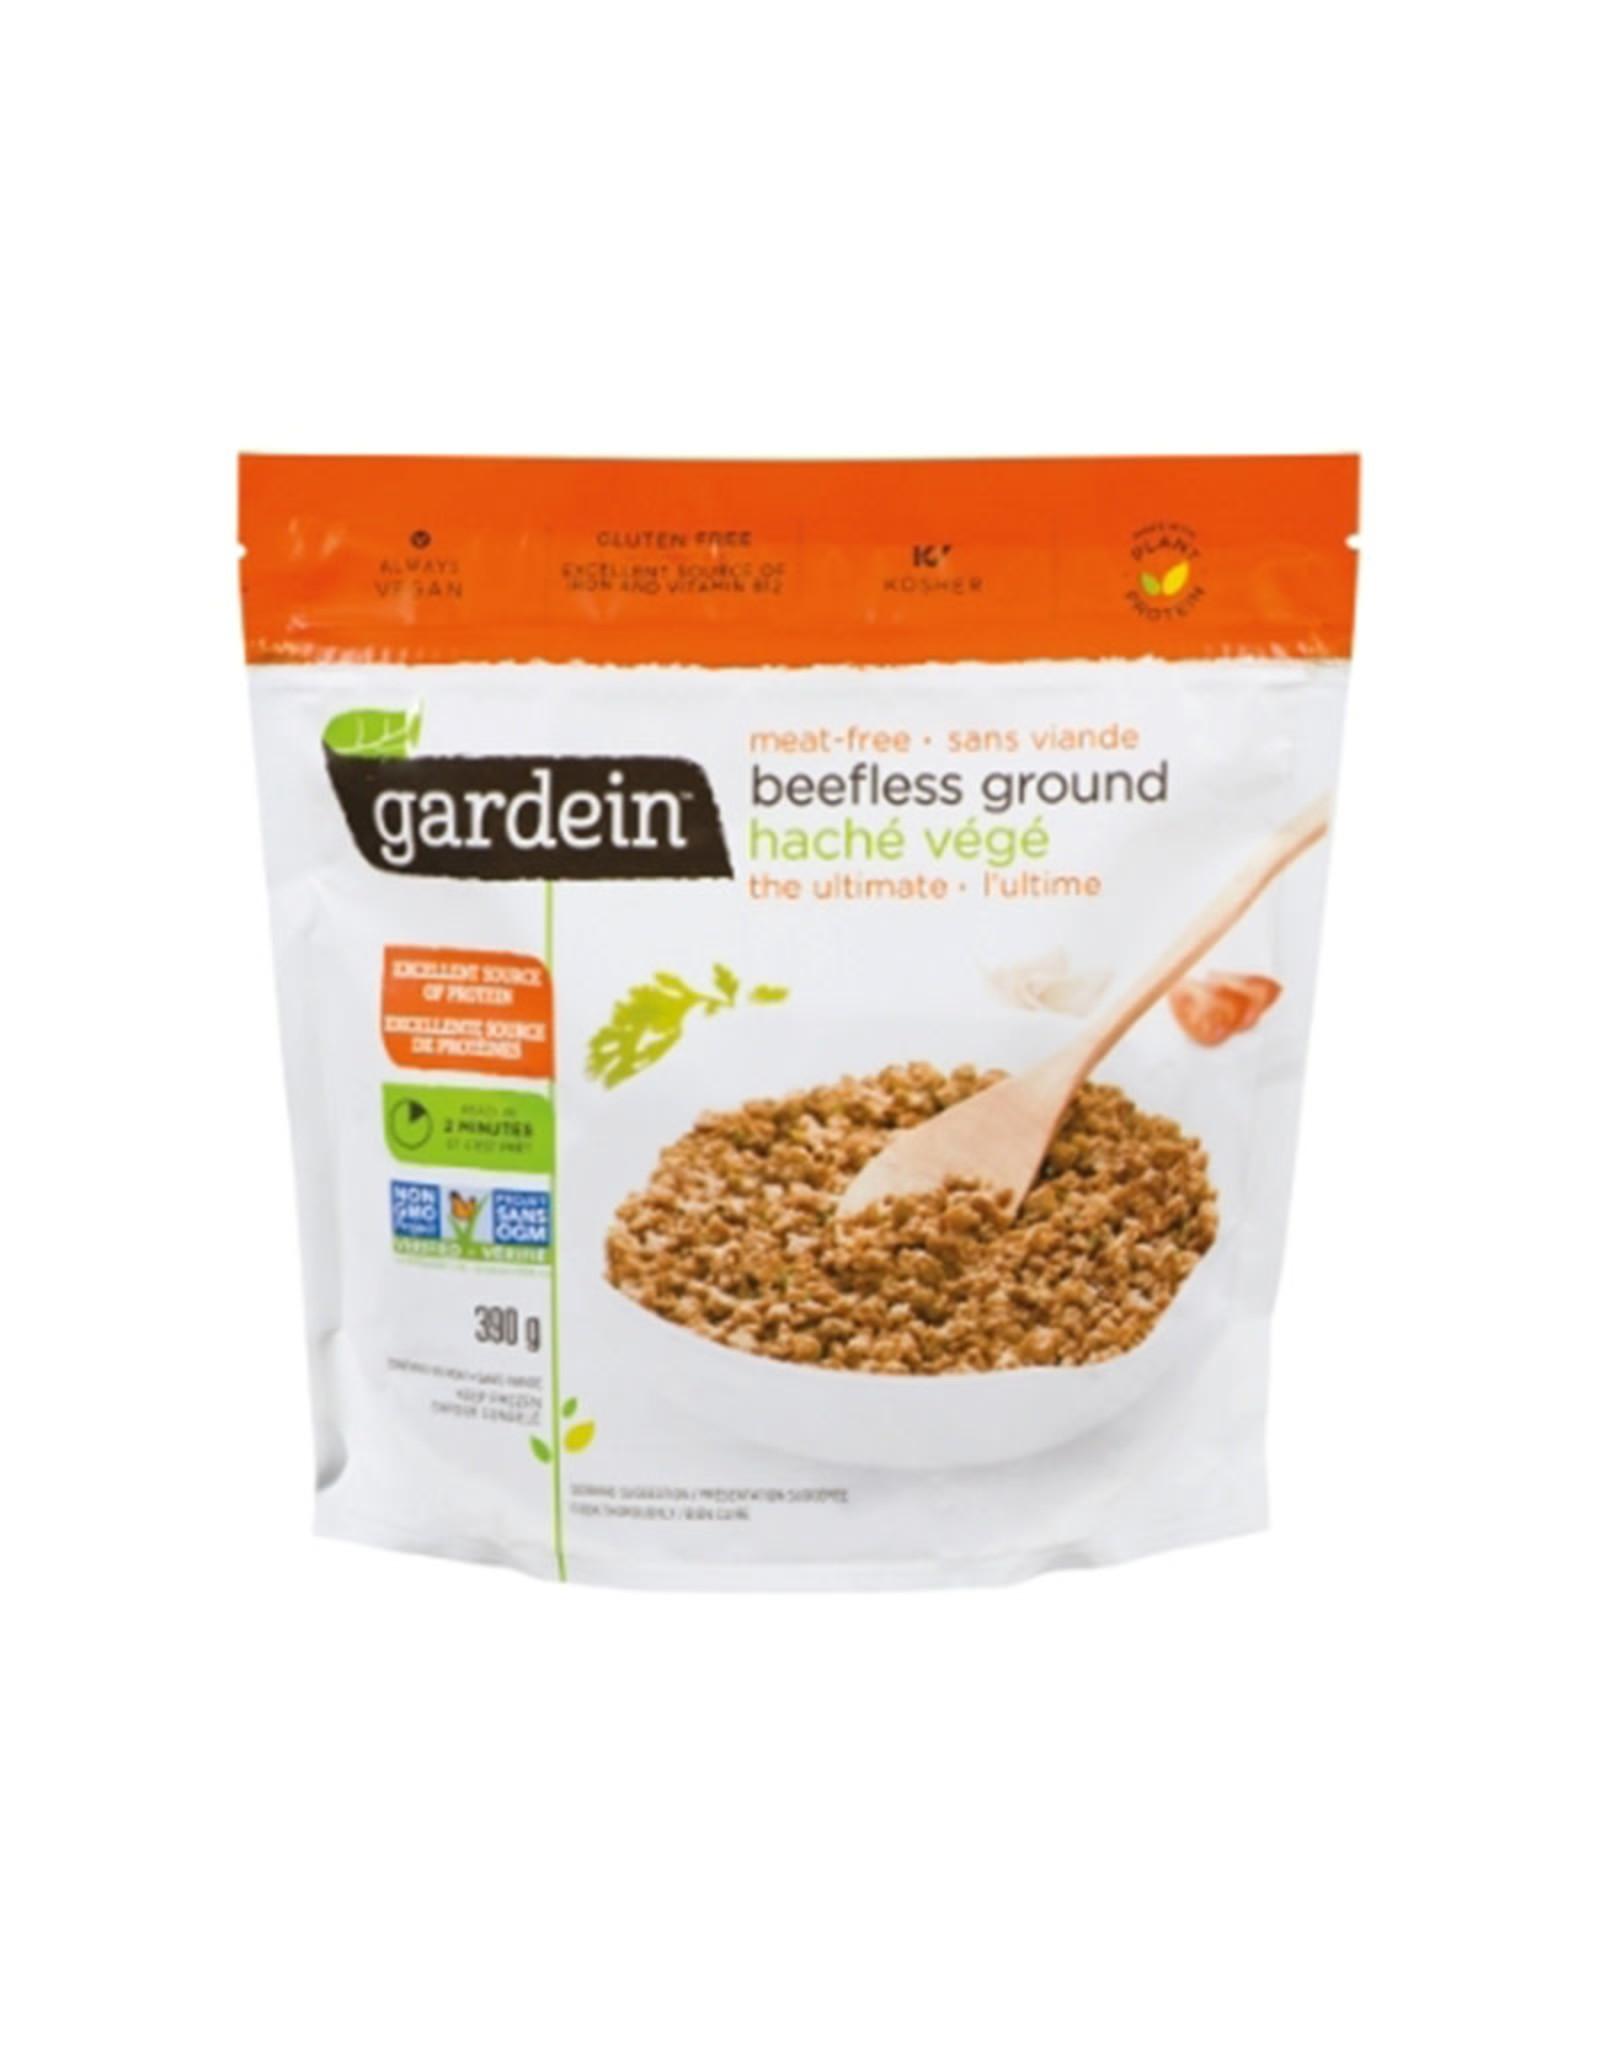 Gardein Gardein - Produit Végétalien, Viande Haché Ultime Sans Boeuf (390g)